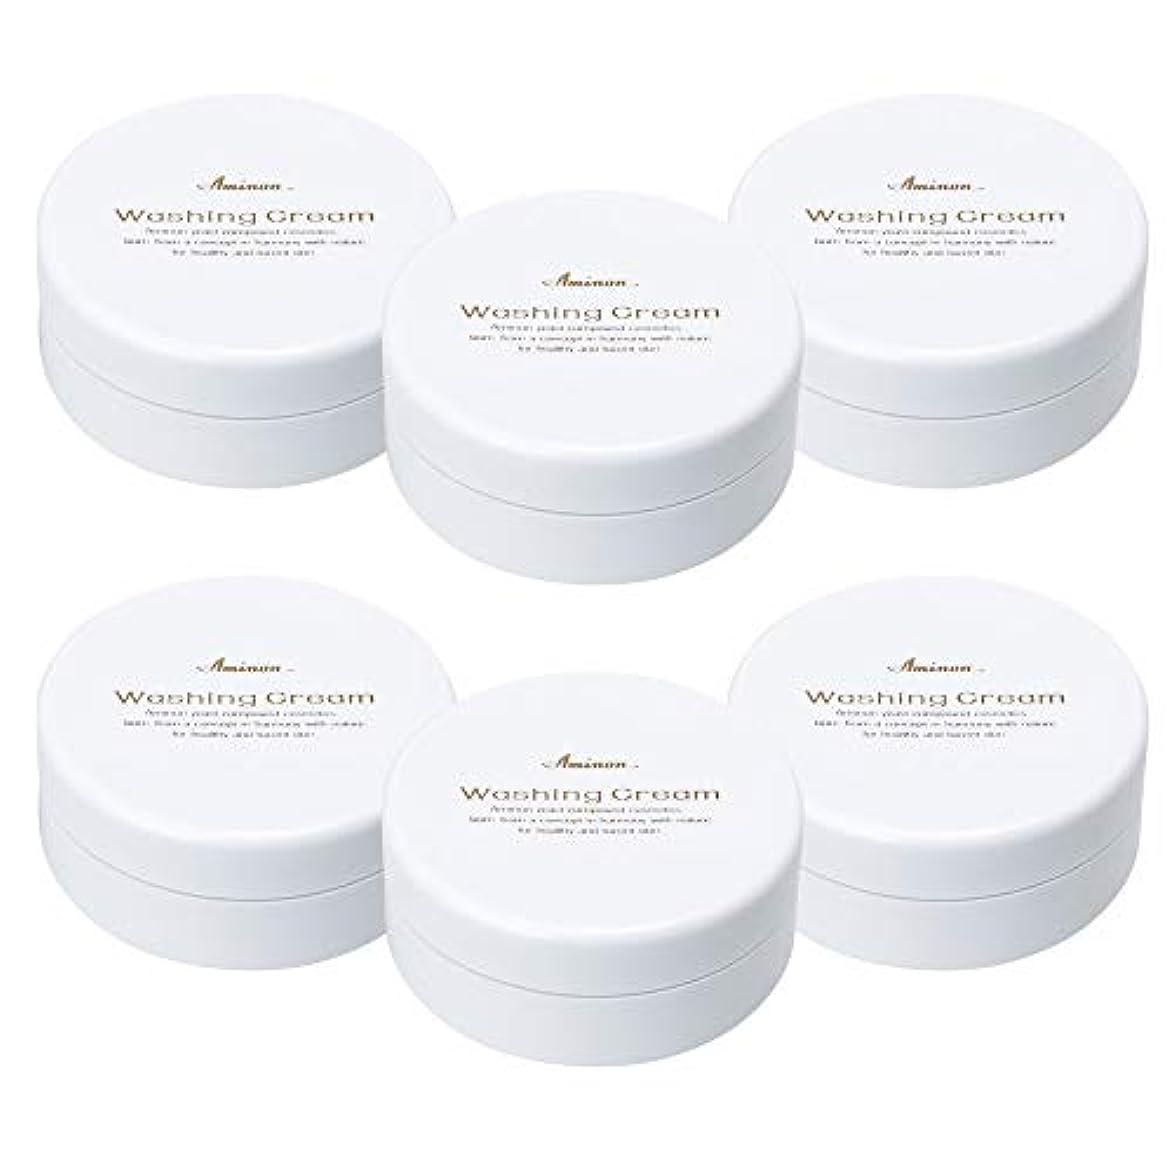 後ろにアブストラクトアミノン 洗顔クリーム 90g (6個セット)